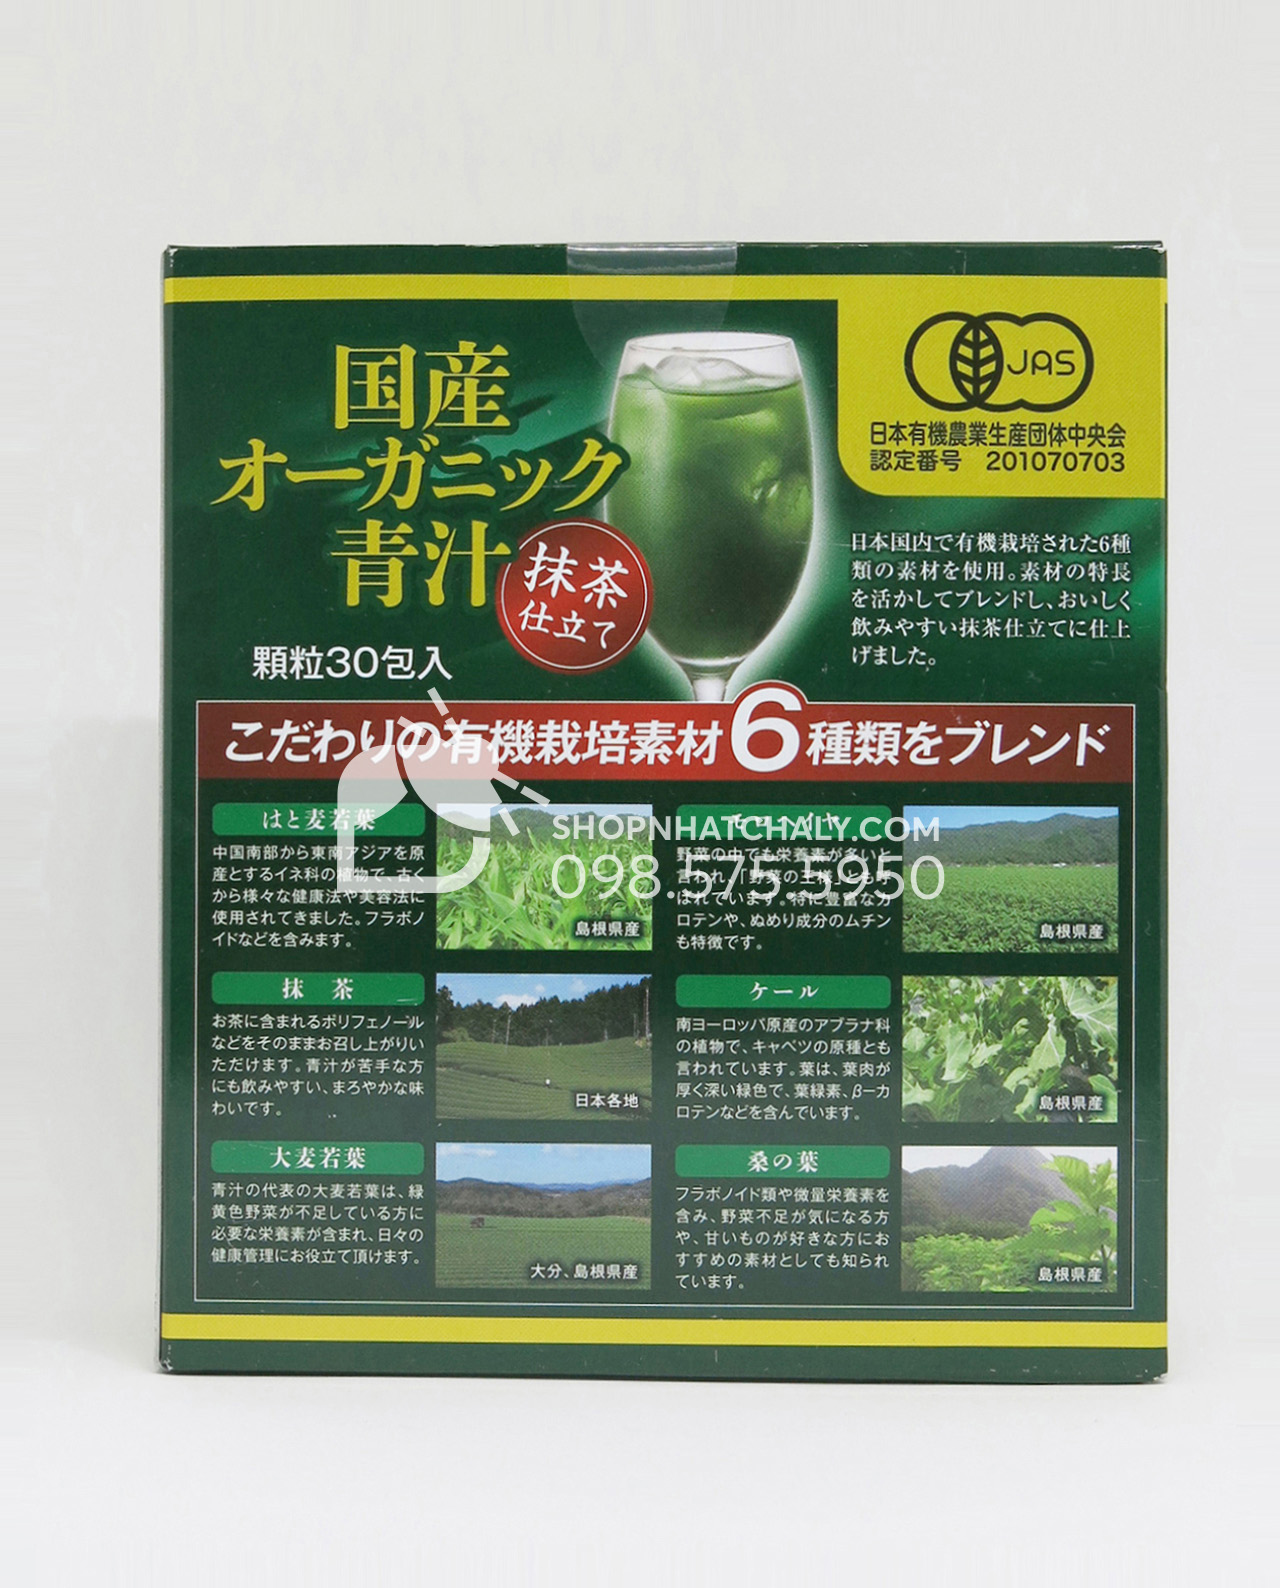 Bột rau xanh của Nhật Organic Aojiru là nguồn thực phẩm vô cùng quý giá vì bao chứa tinh chất của 6 loại rau Organic cung cấp hàng loạt chất hữu ích thiết yếu cho sức khoẻ